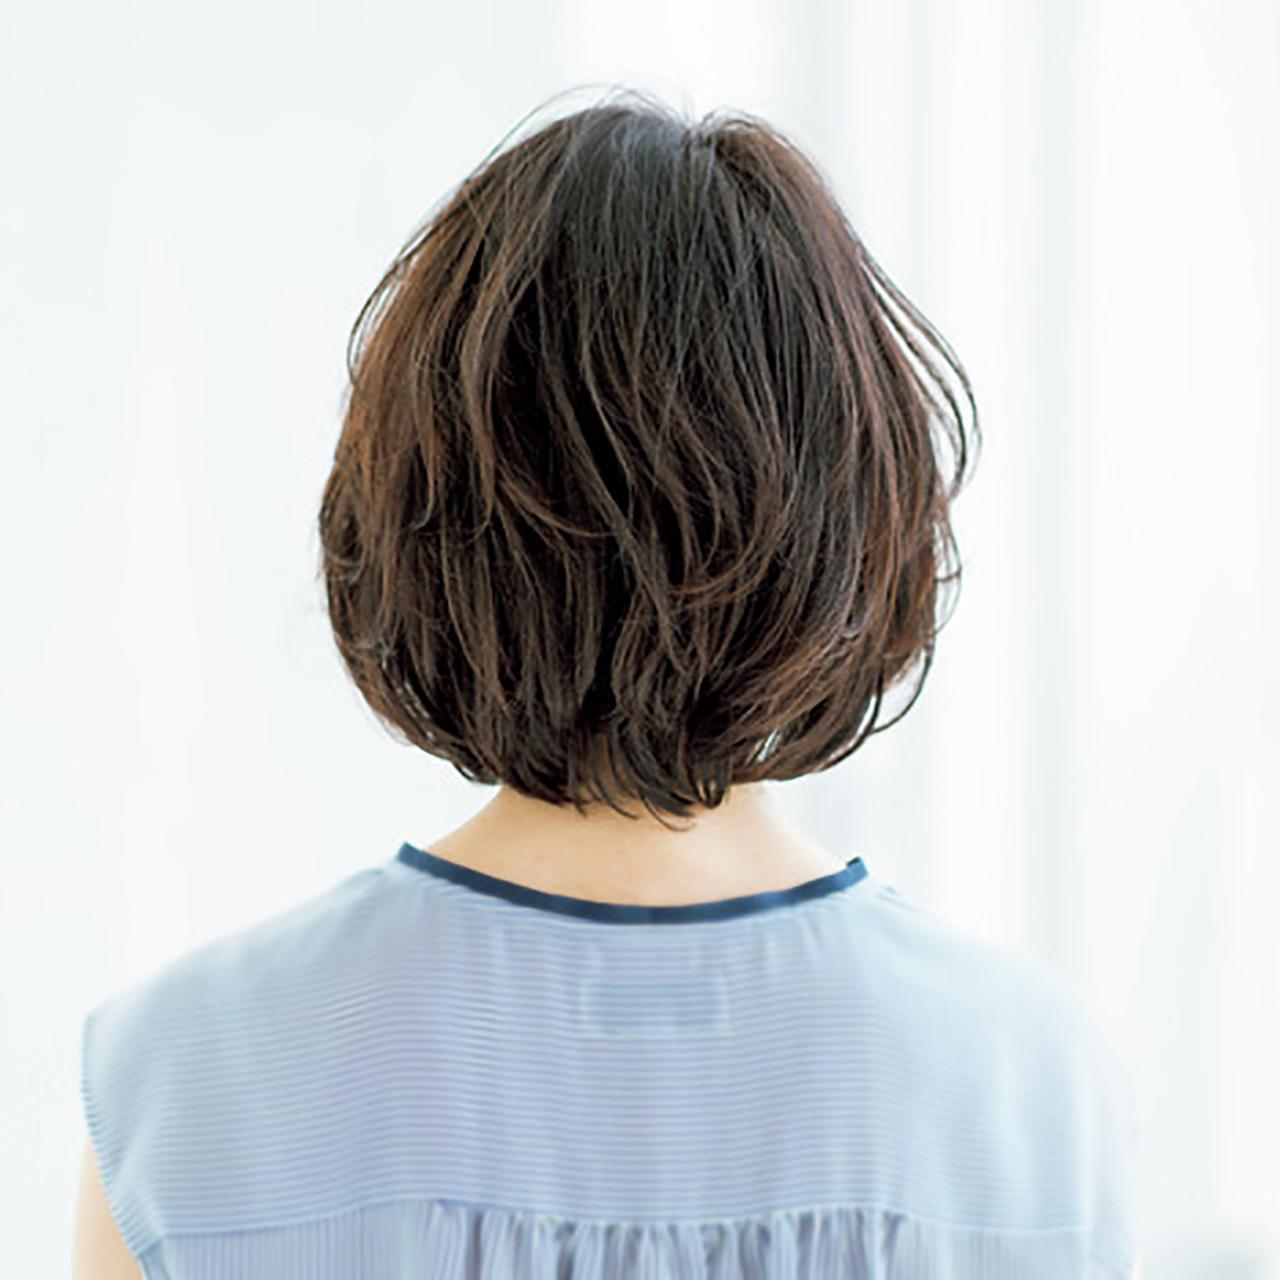 おしゃれに見える大人のヘアスタイル photo gallery_1_1-28